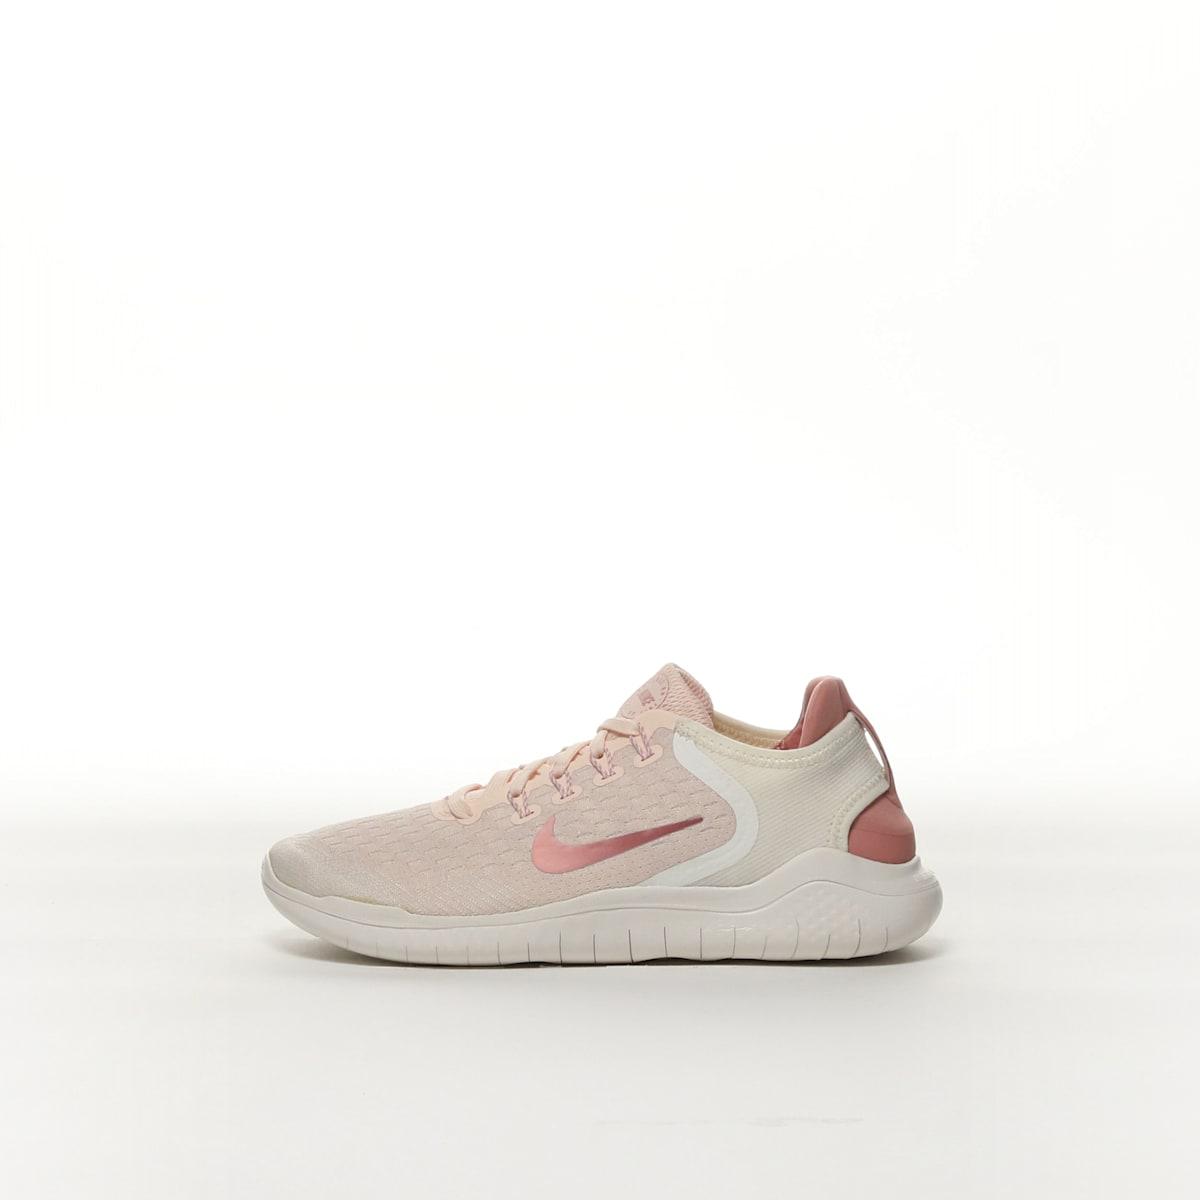 7c06f207f238 Nike Free RN 2018 - GUAVA ICE SAIL PINK TINT RUST PINK – Resku